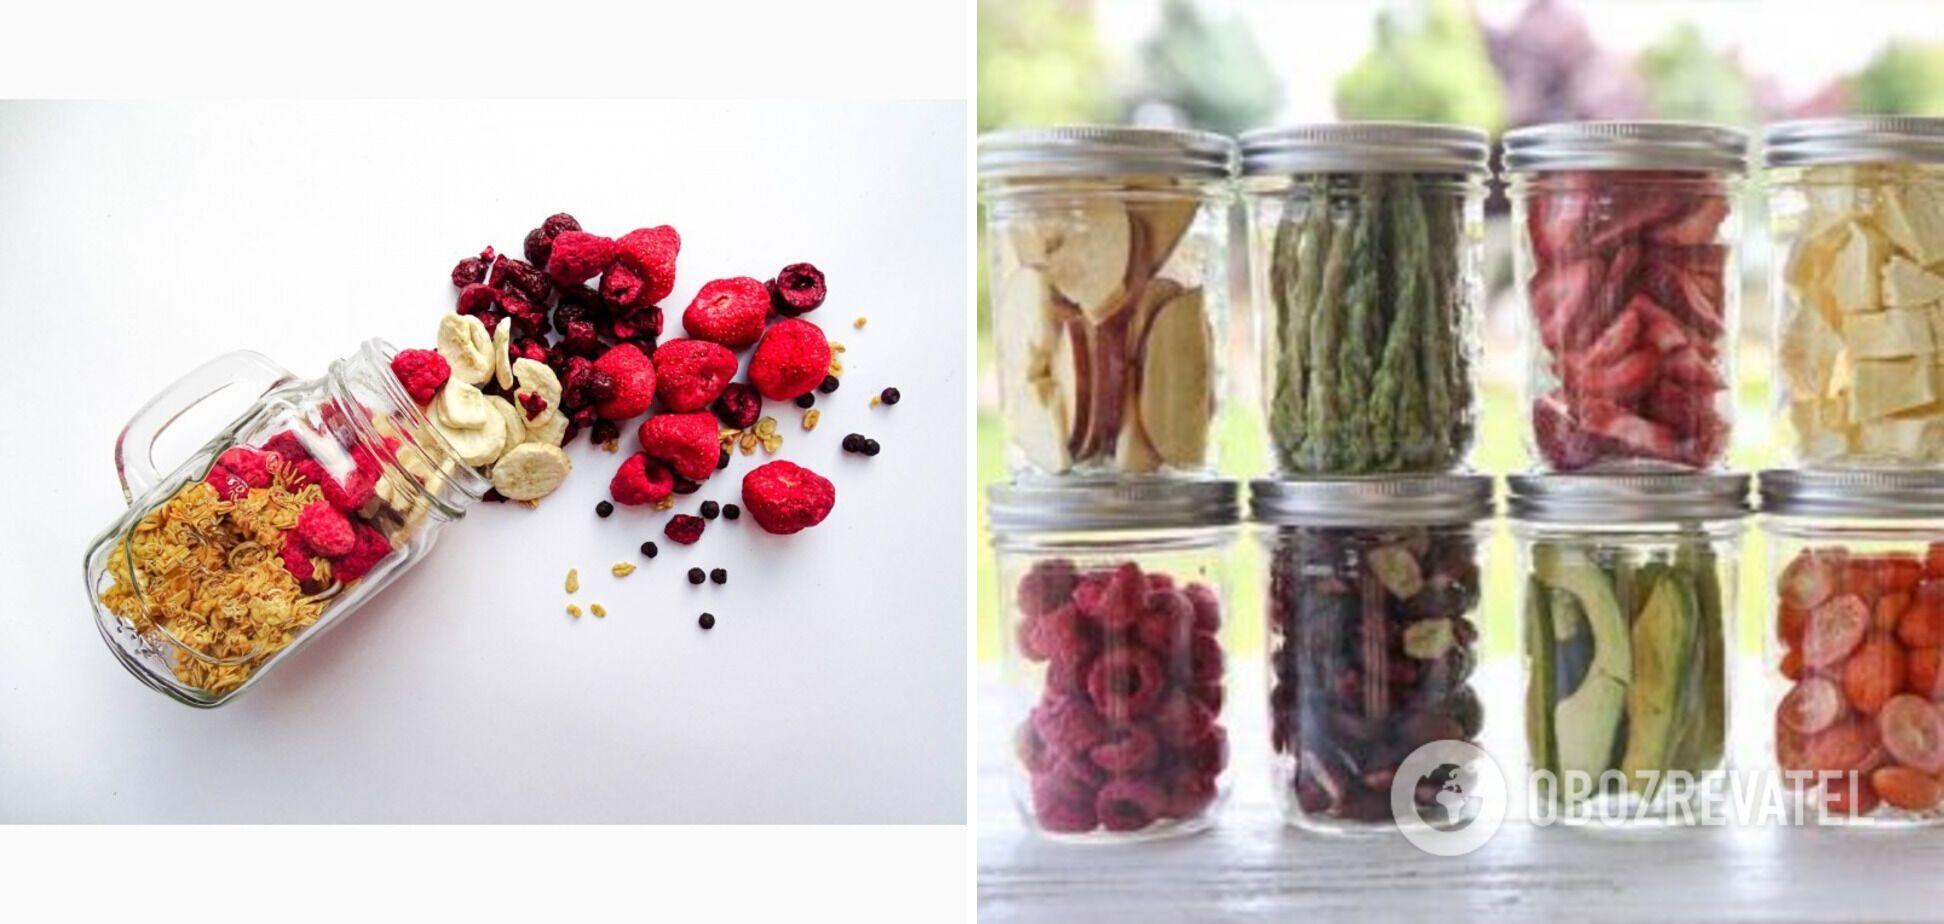 Новітній метод обробки фруктів та овочів – сублімація